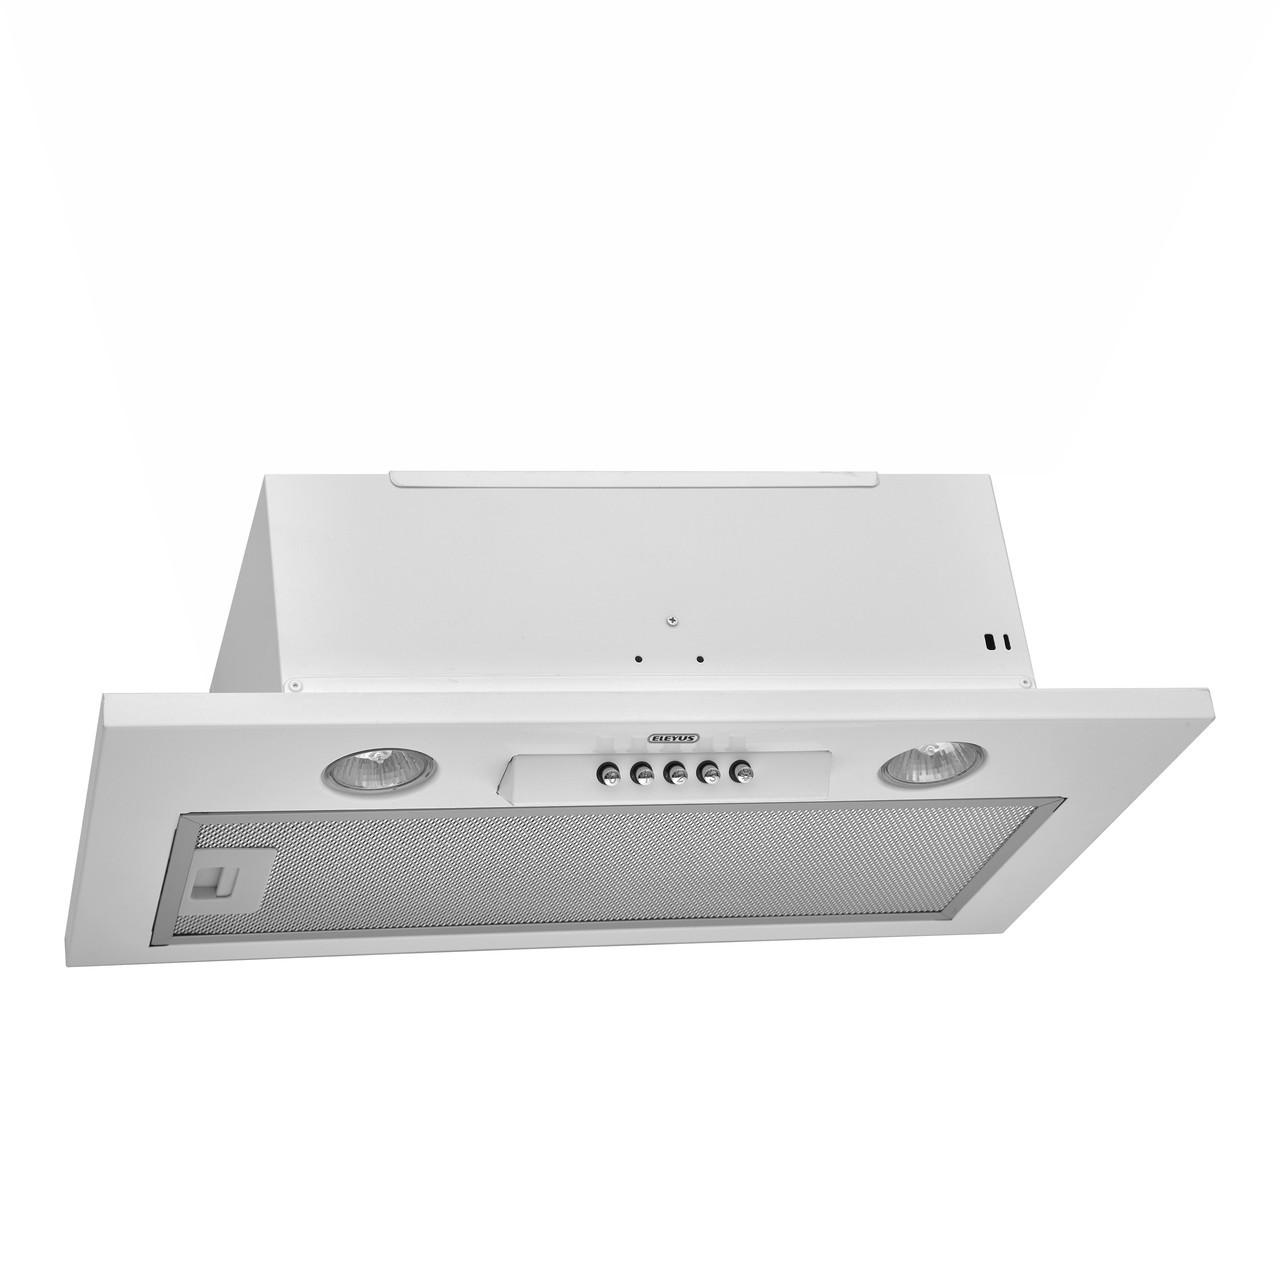 Витяжка кухонна ELEYUS Intra 960 52 GR + Безкоштовна доставка!